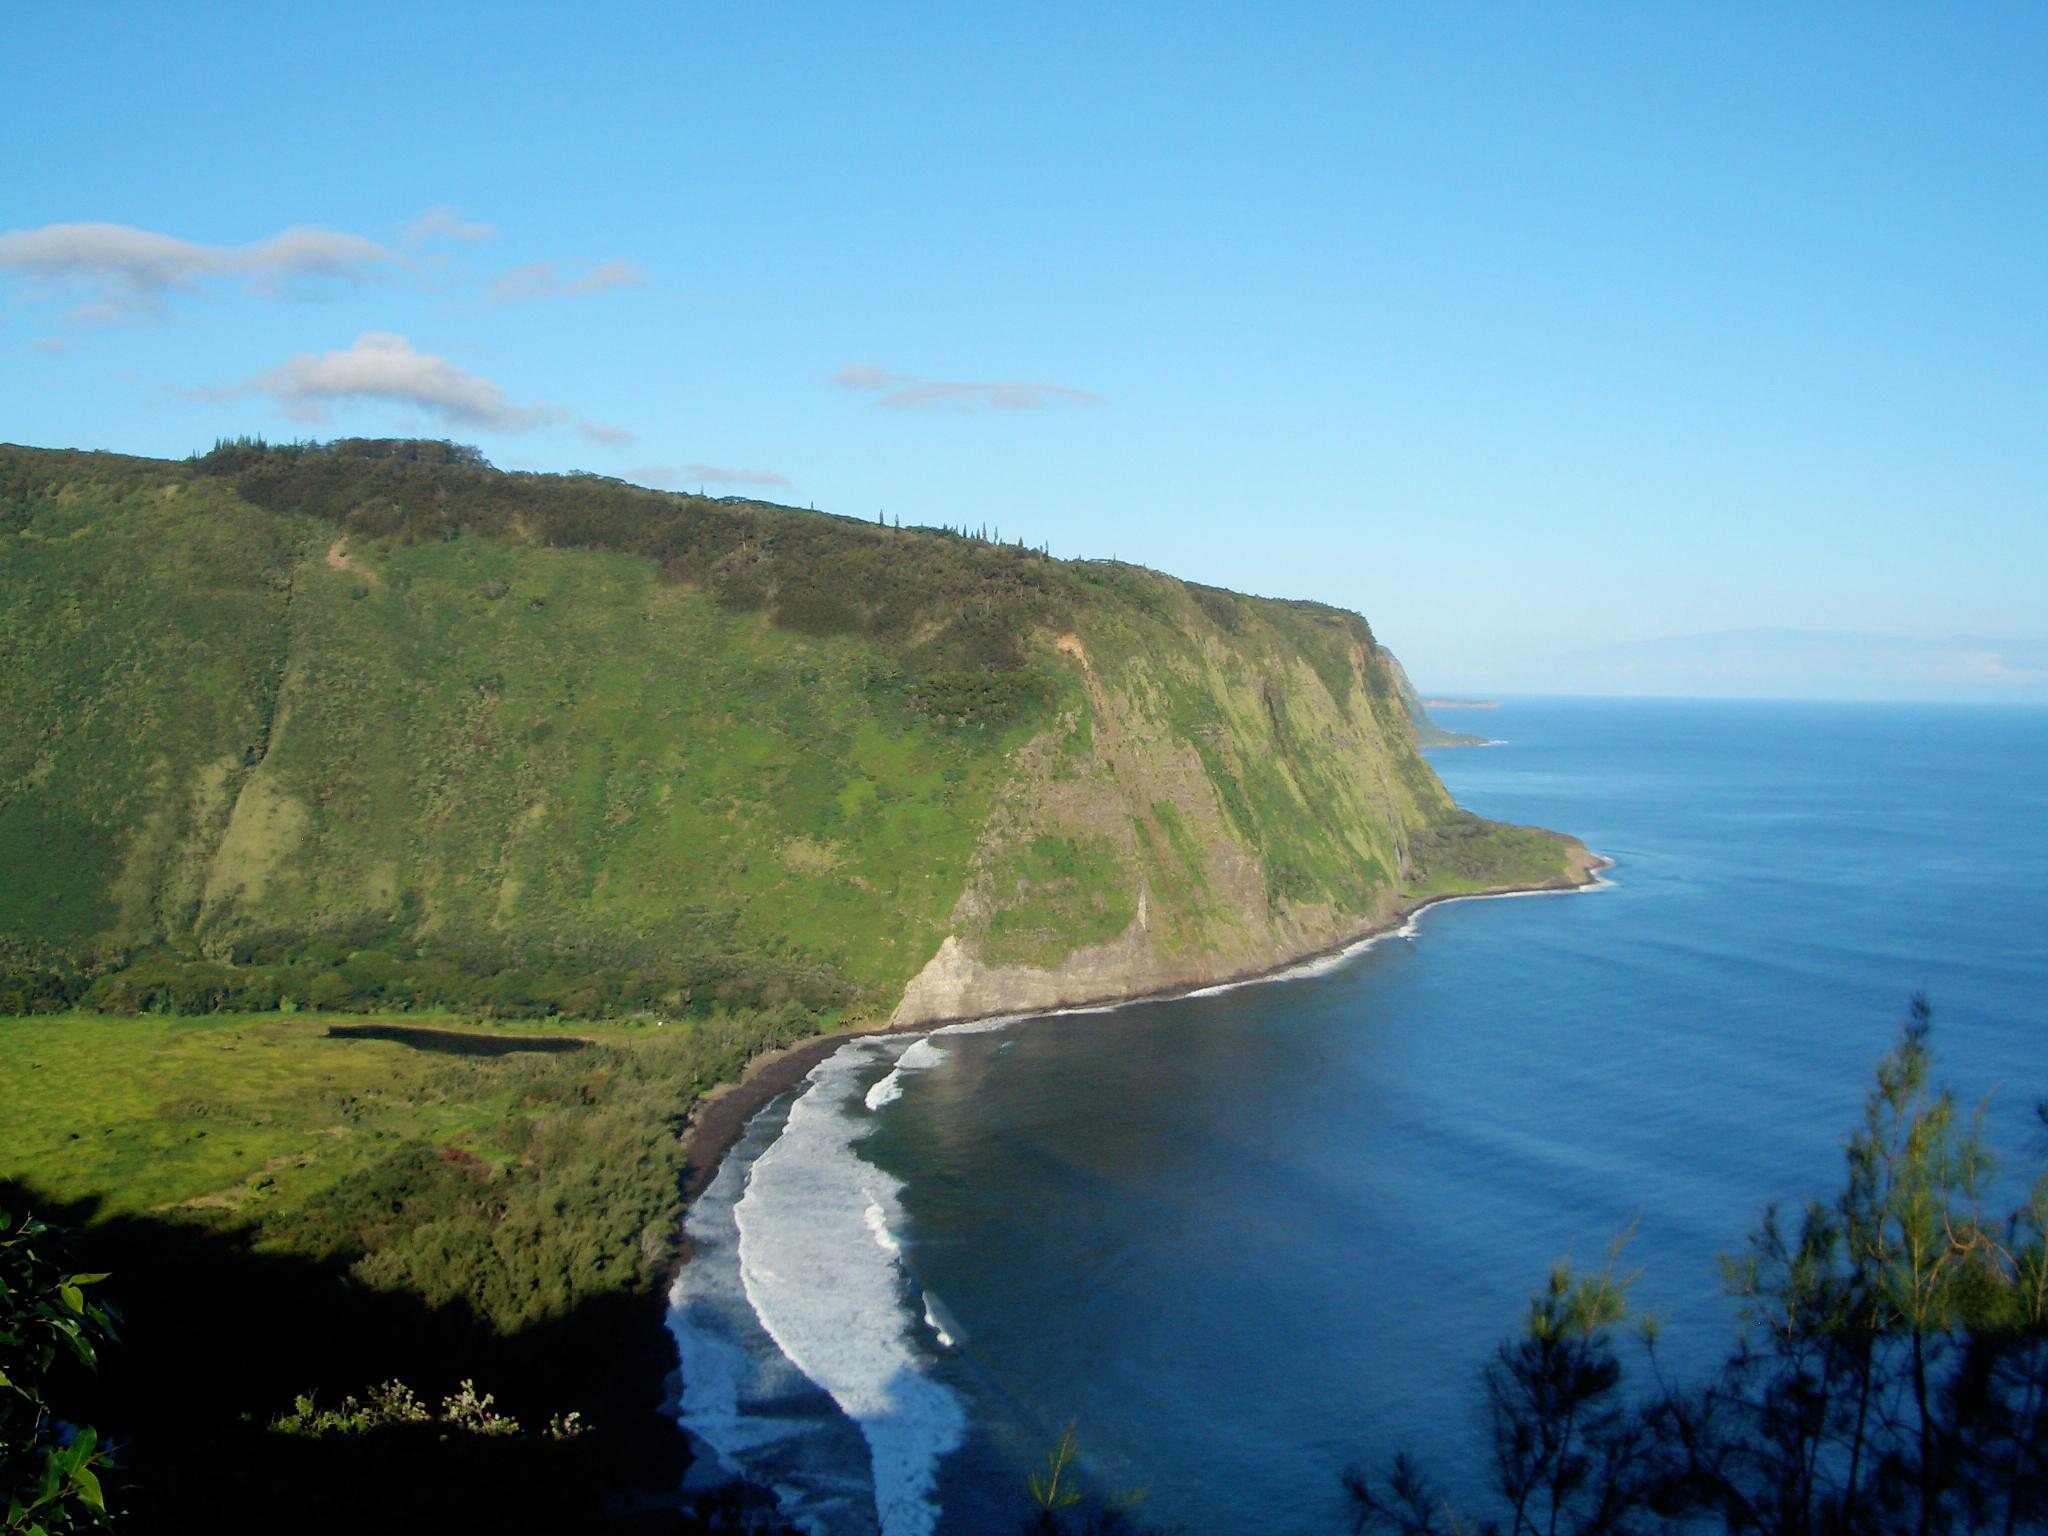 ワイピオ渓谷/Waipi'o Valley